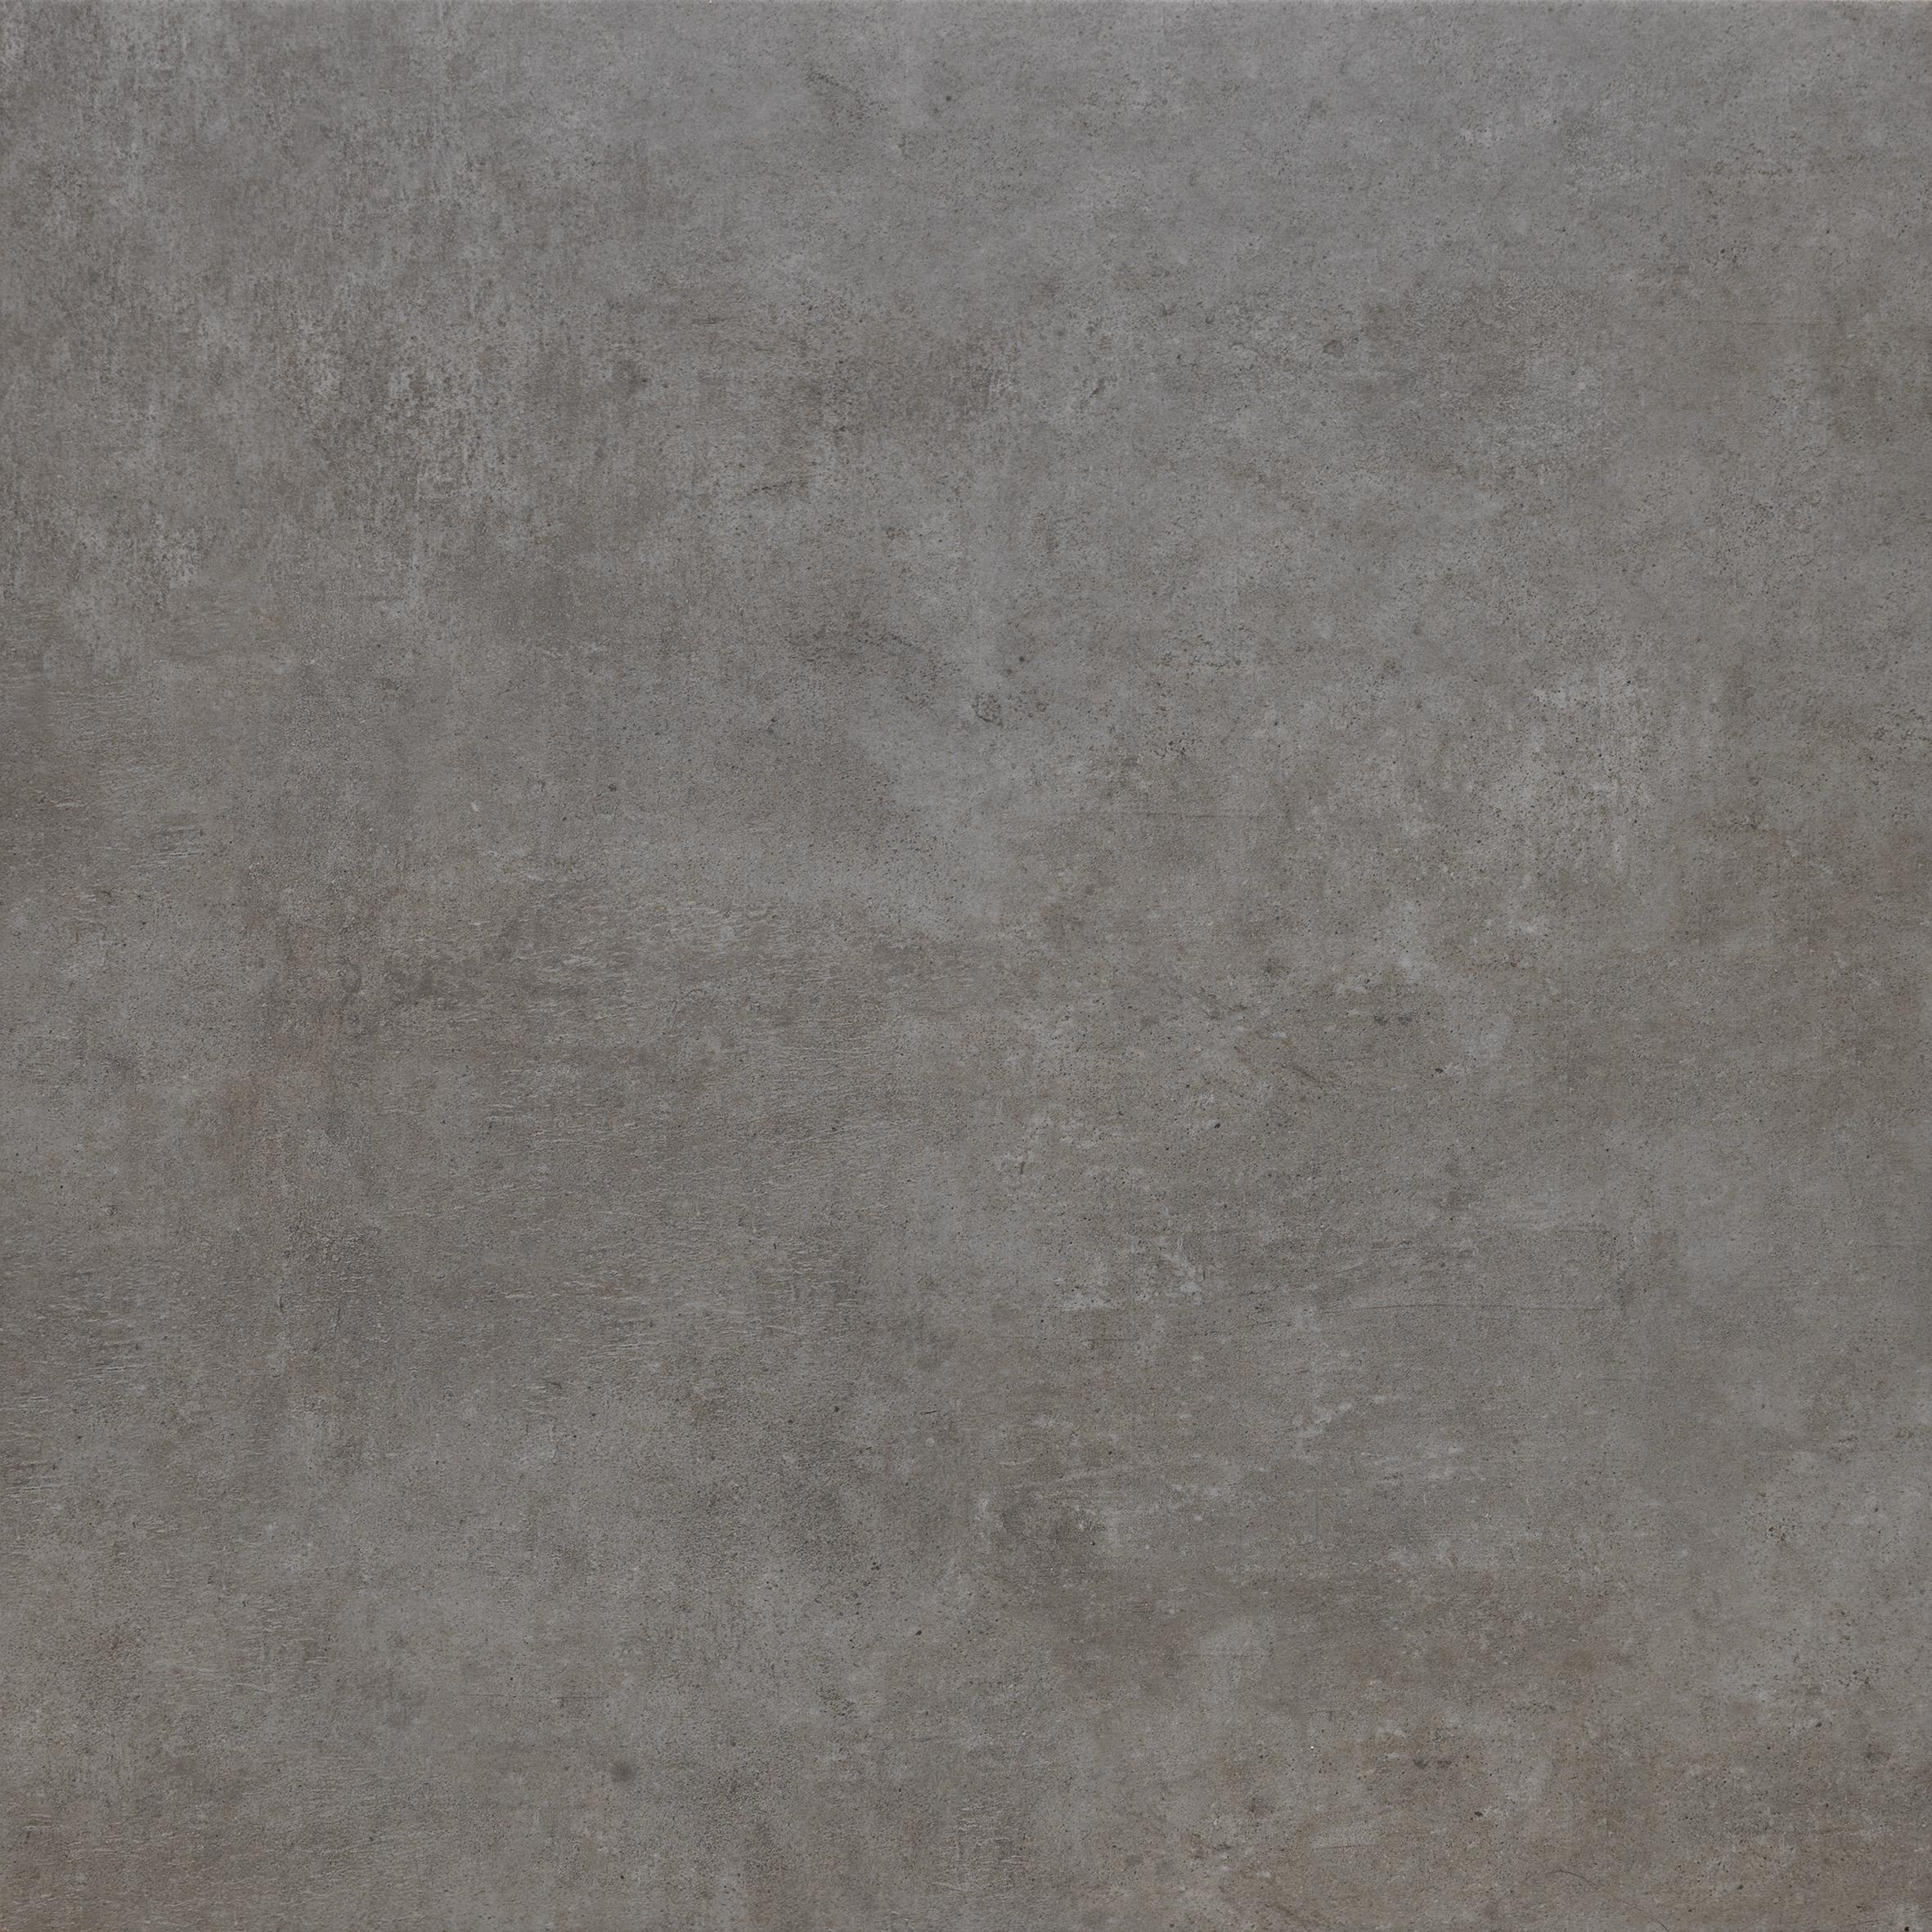 Fliesen Kemmler Wand Und Bodenfliese Envie In Der Farbe Grau Und - Fliesen 80 x 60